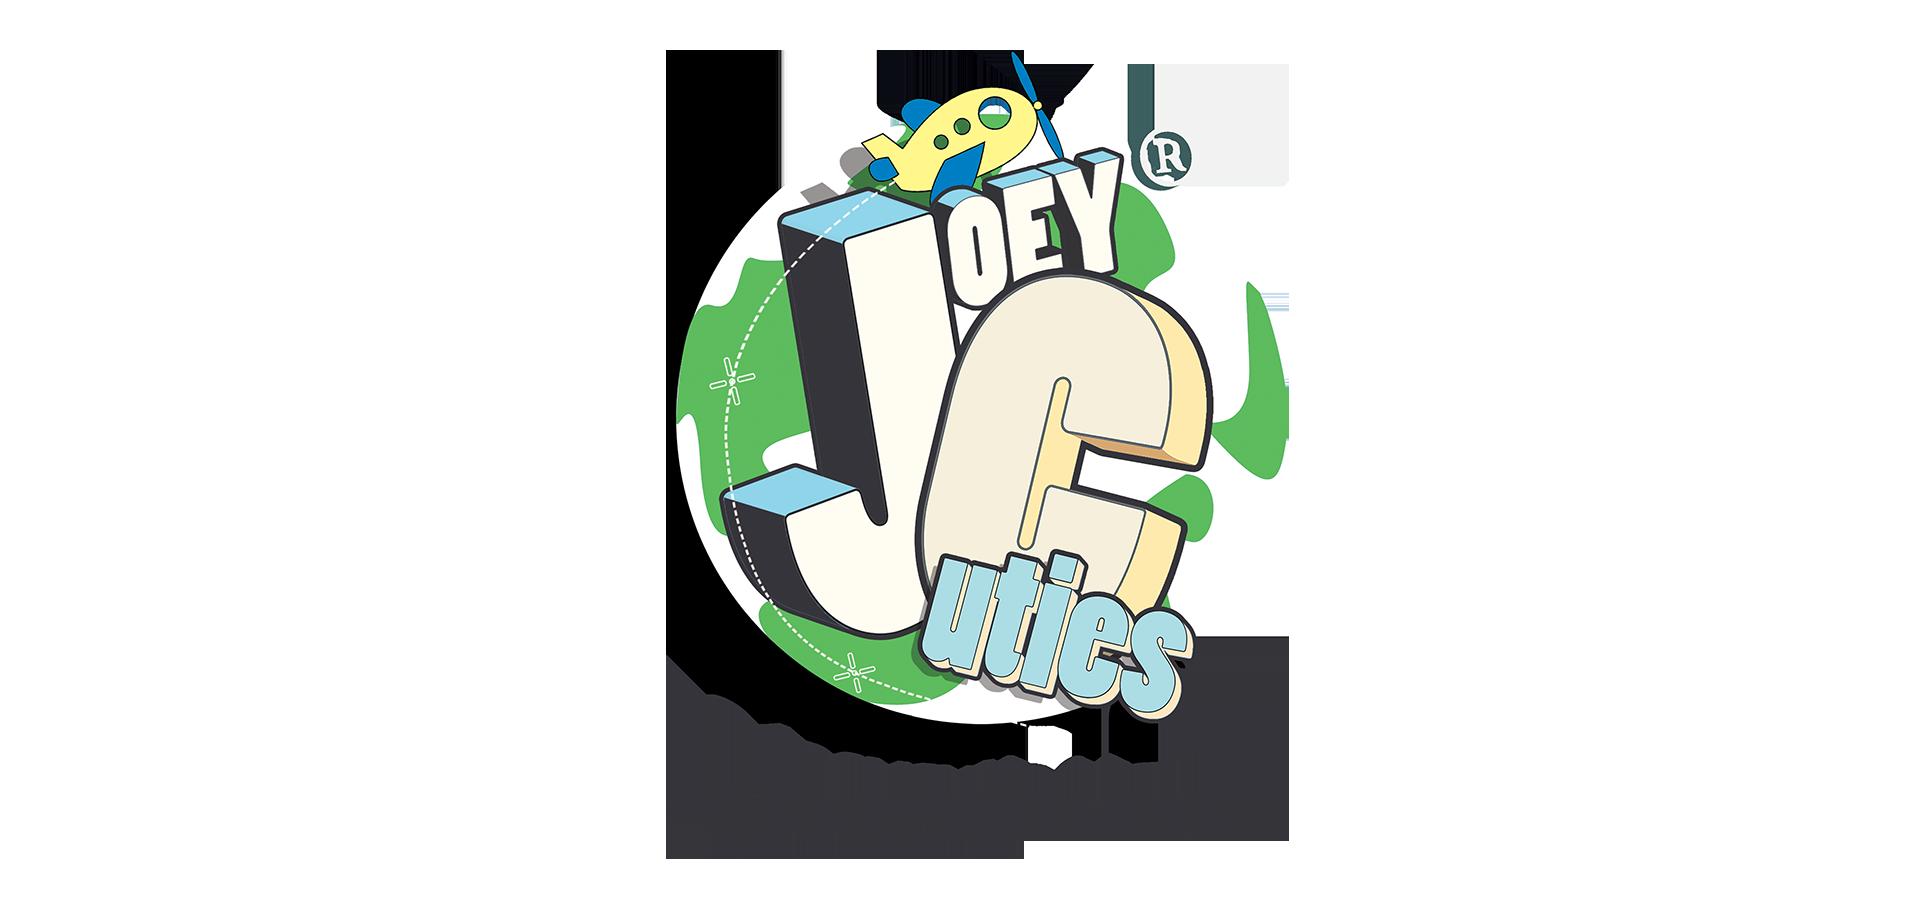 www.joeycuties.com